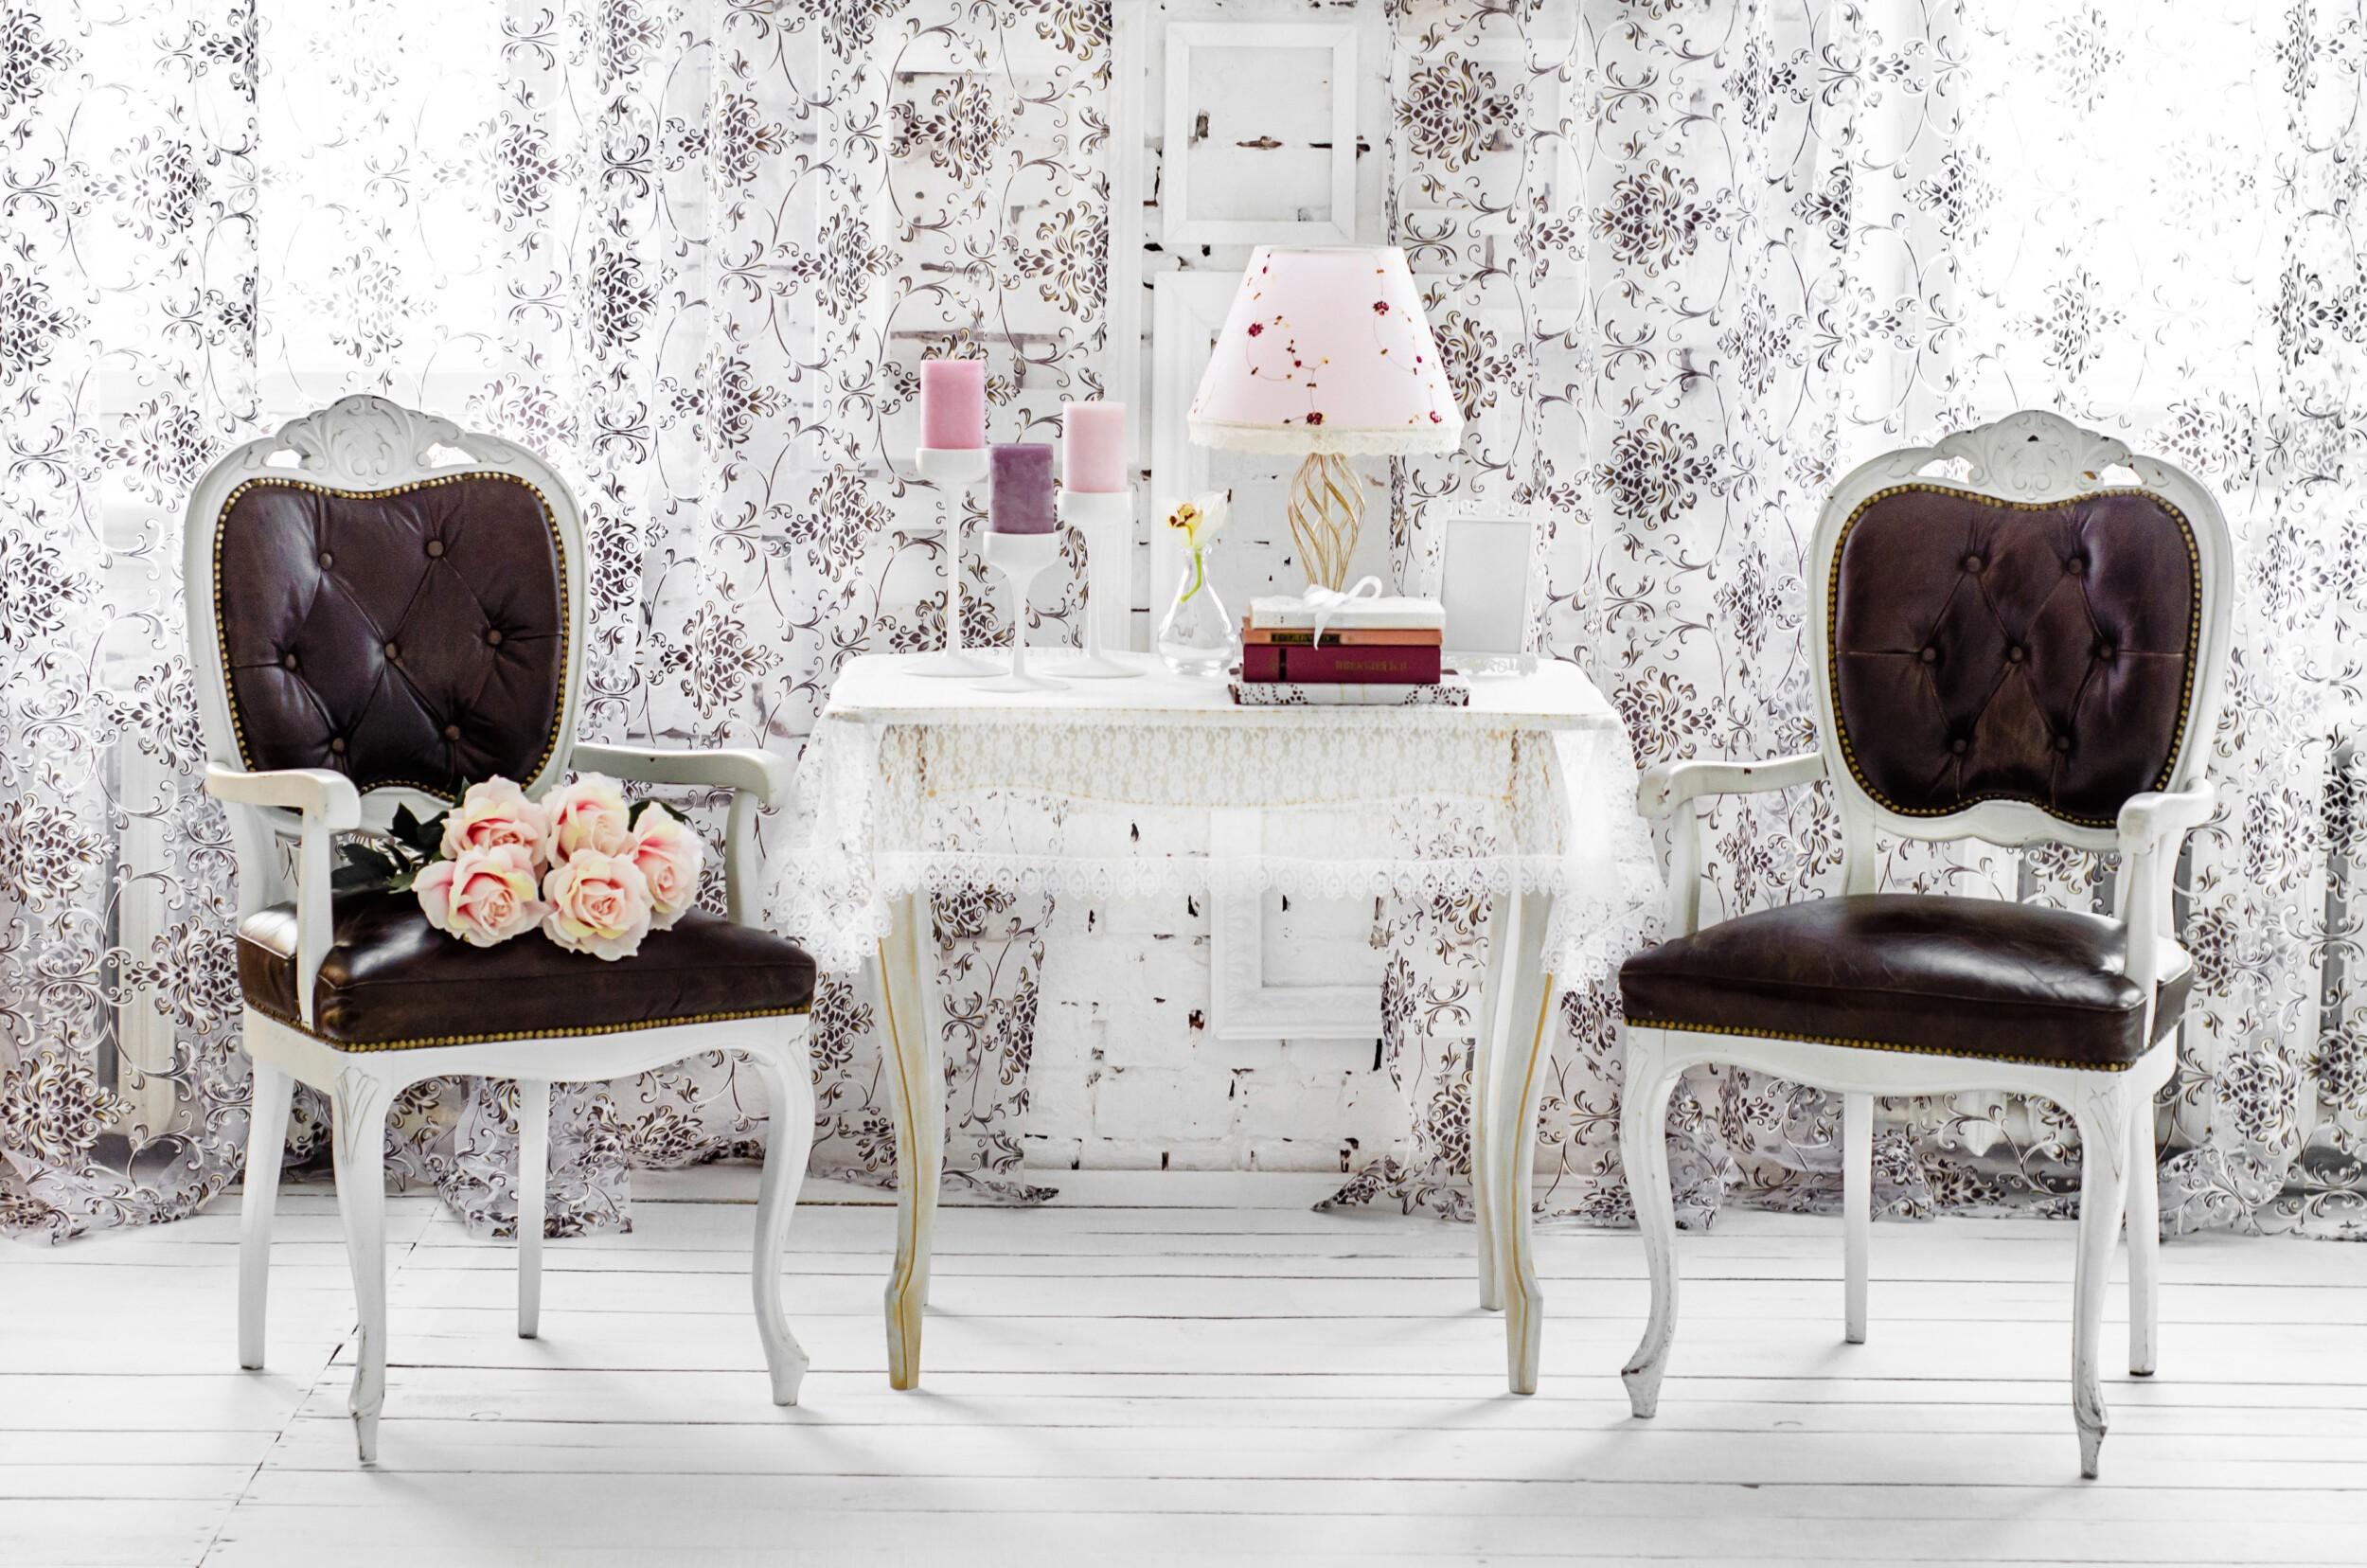 Shabby chic chairs